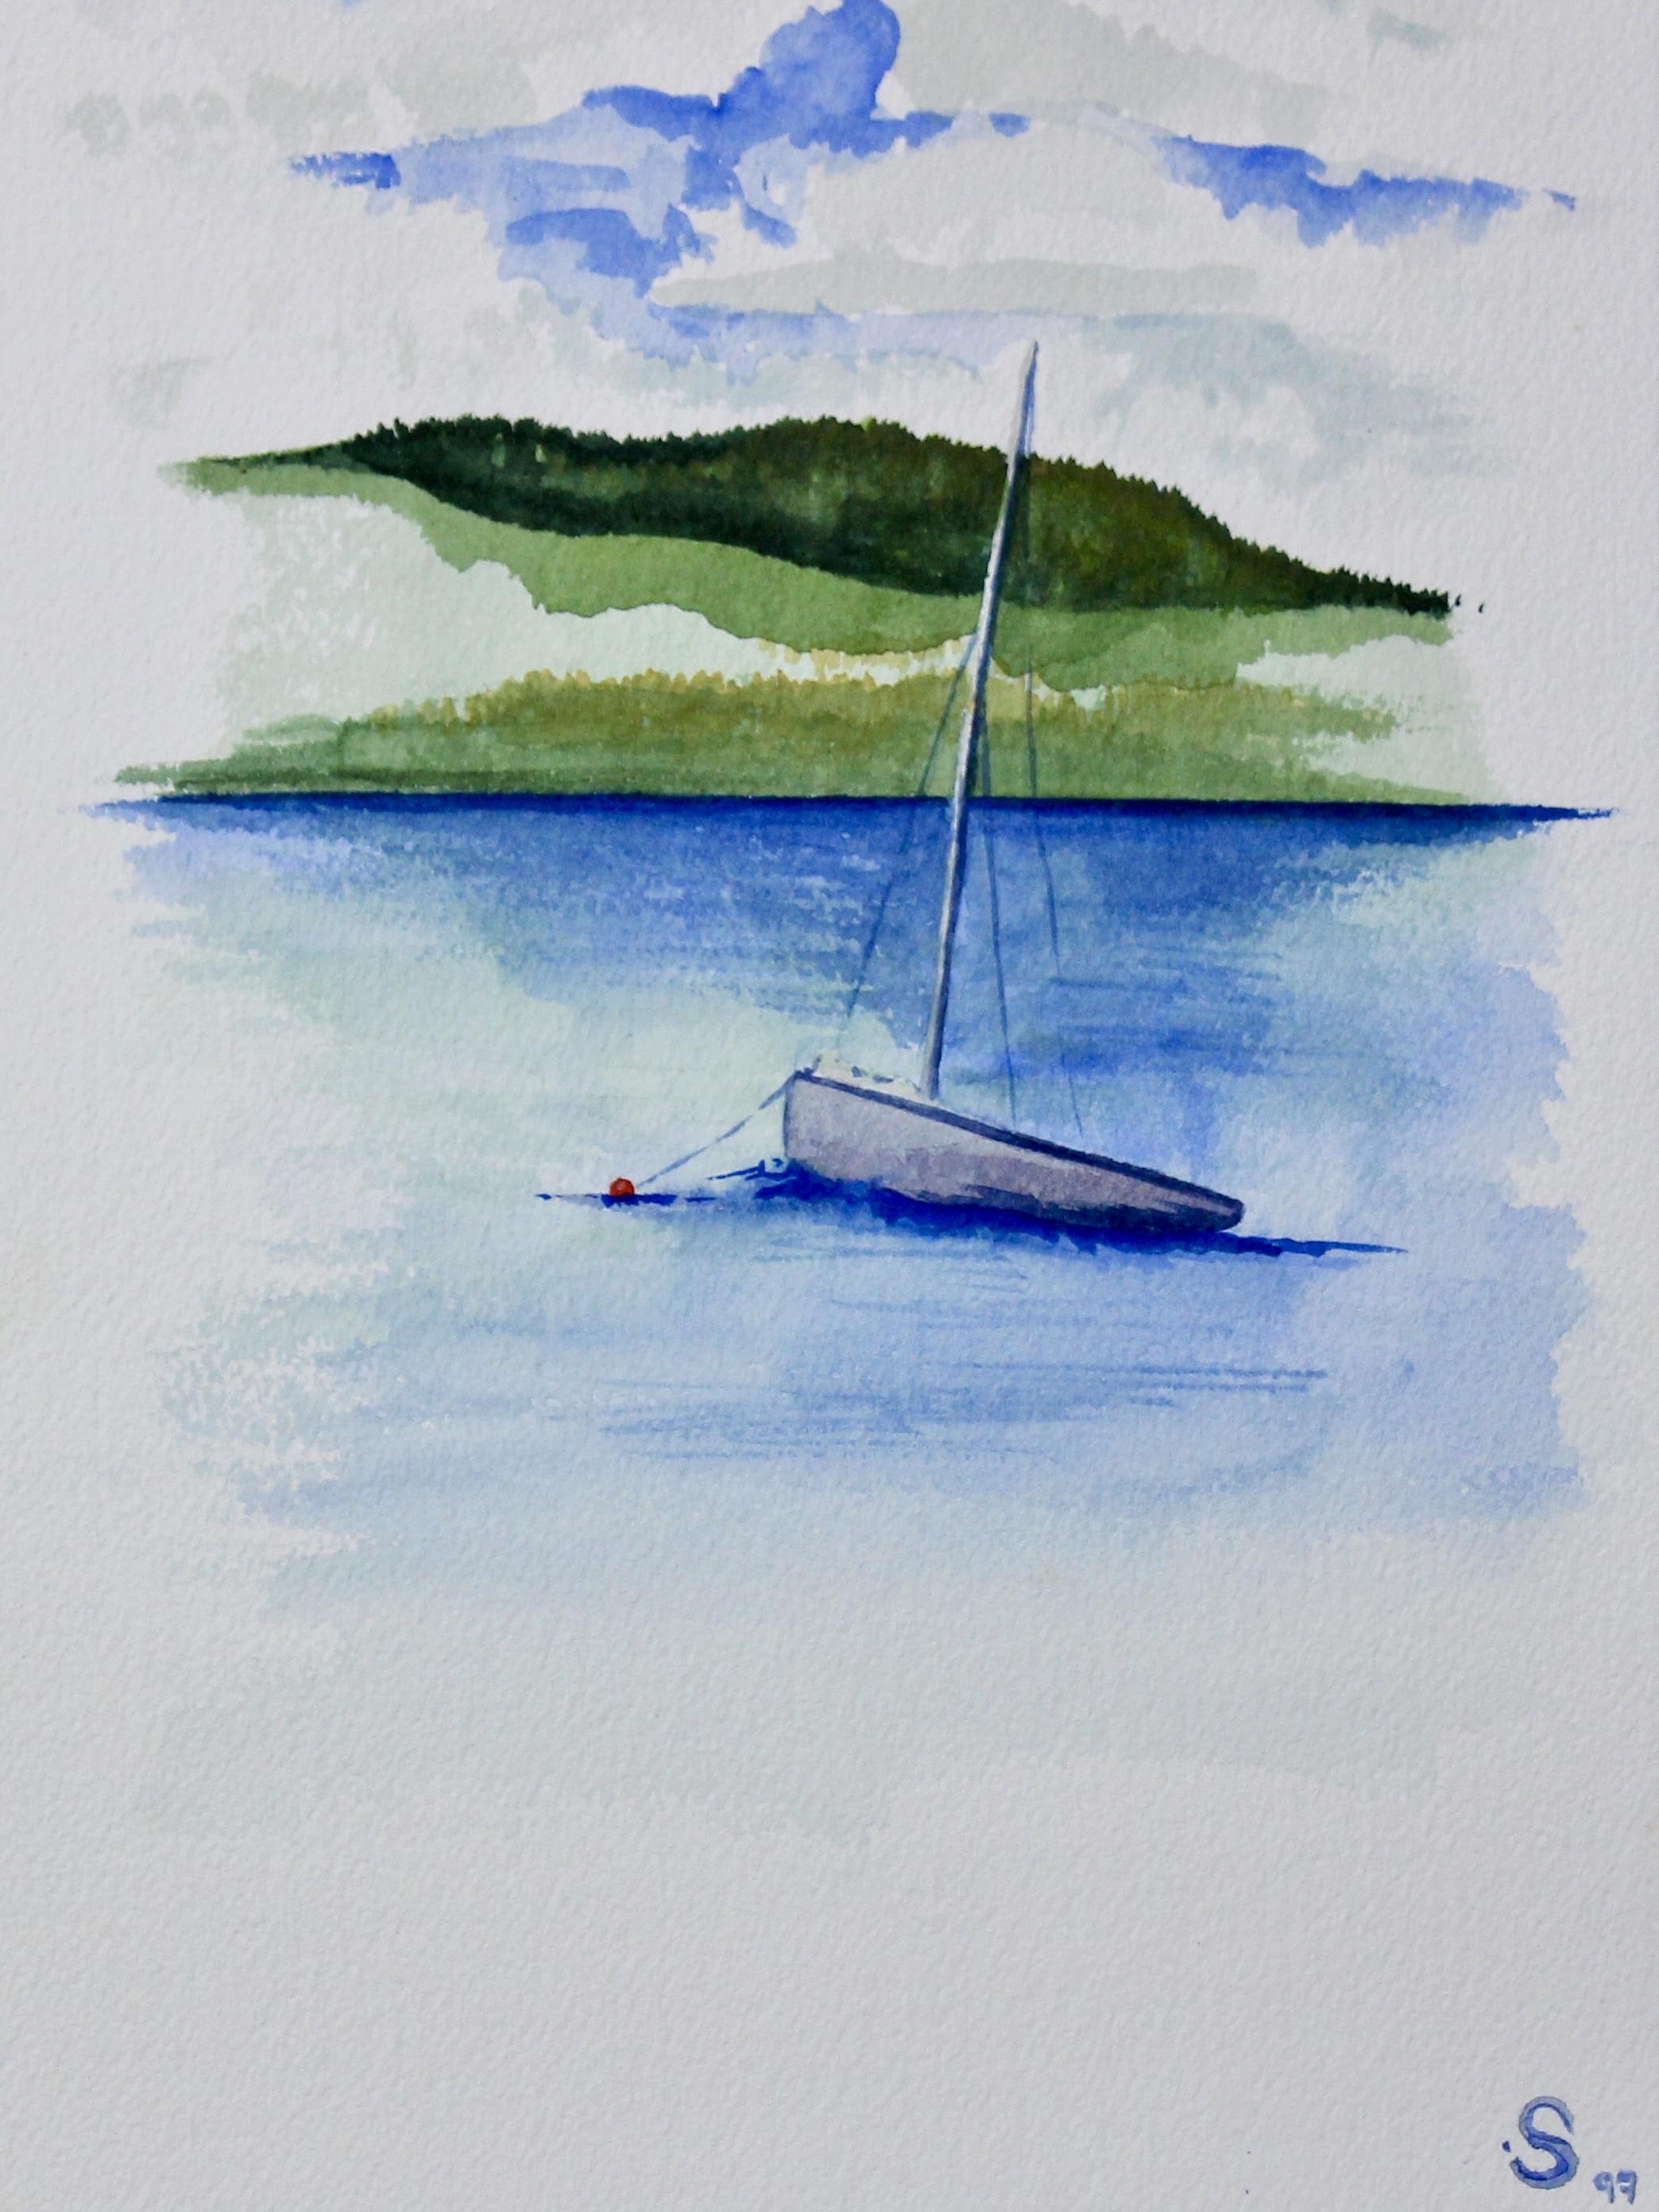 Loon Lake 1 -  2003 watercolour on paper 20cm x 26cm